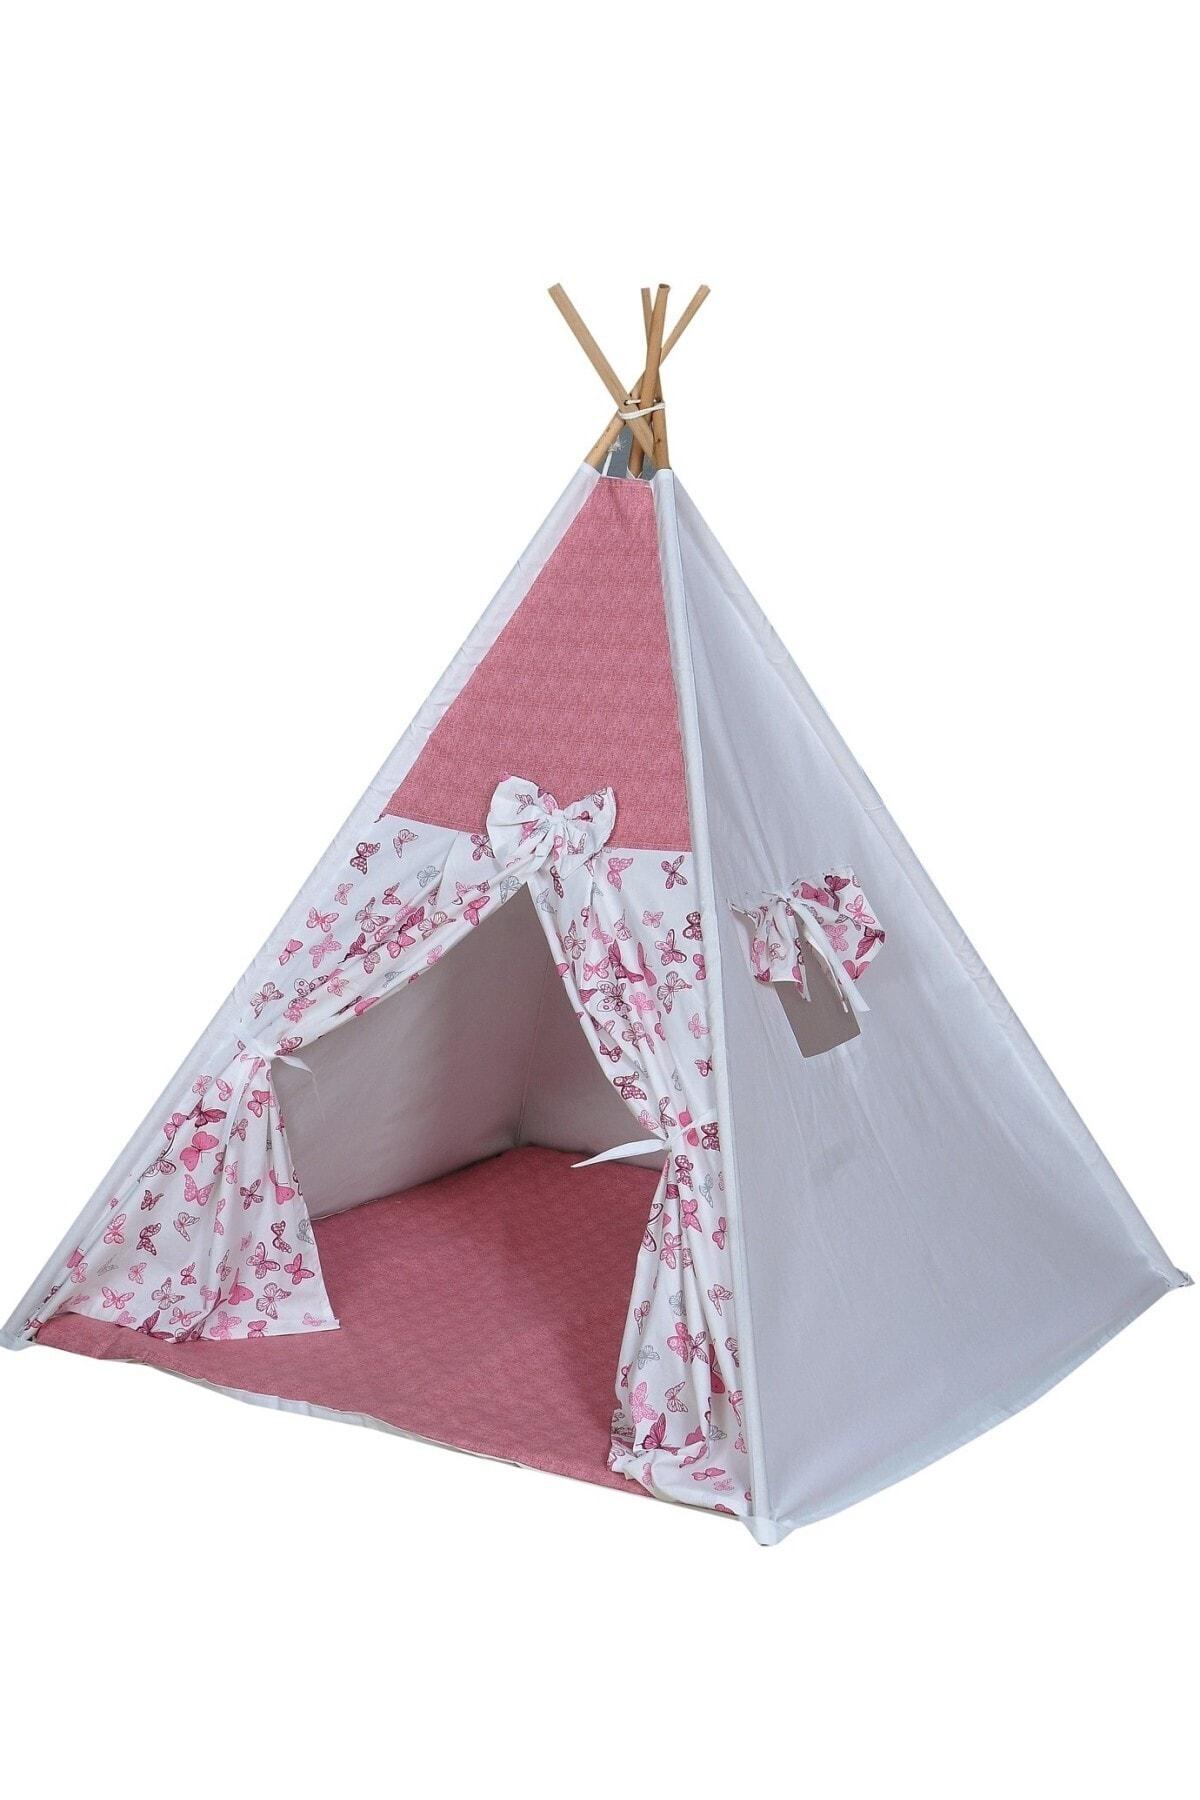 Pembe Çoçuk Kızılderili  Oyun Evi Kamp Çadırı